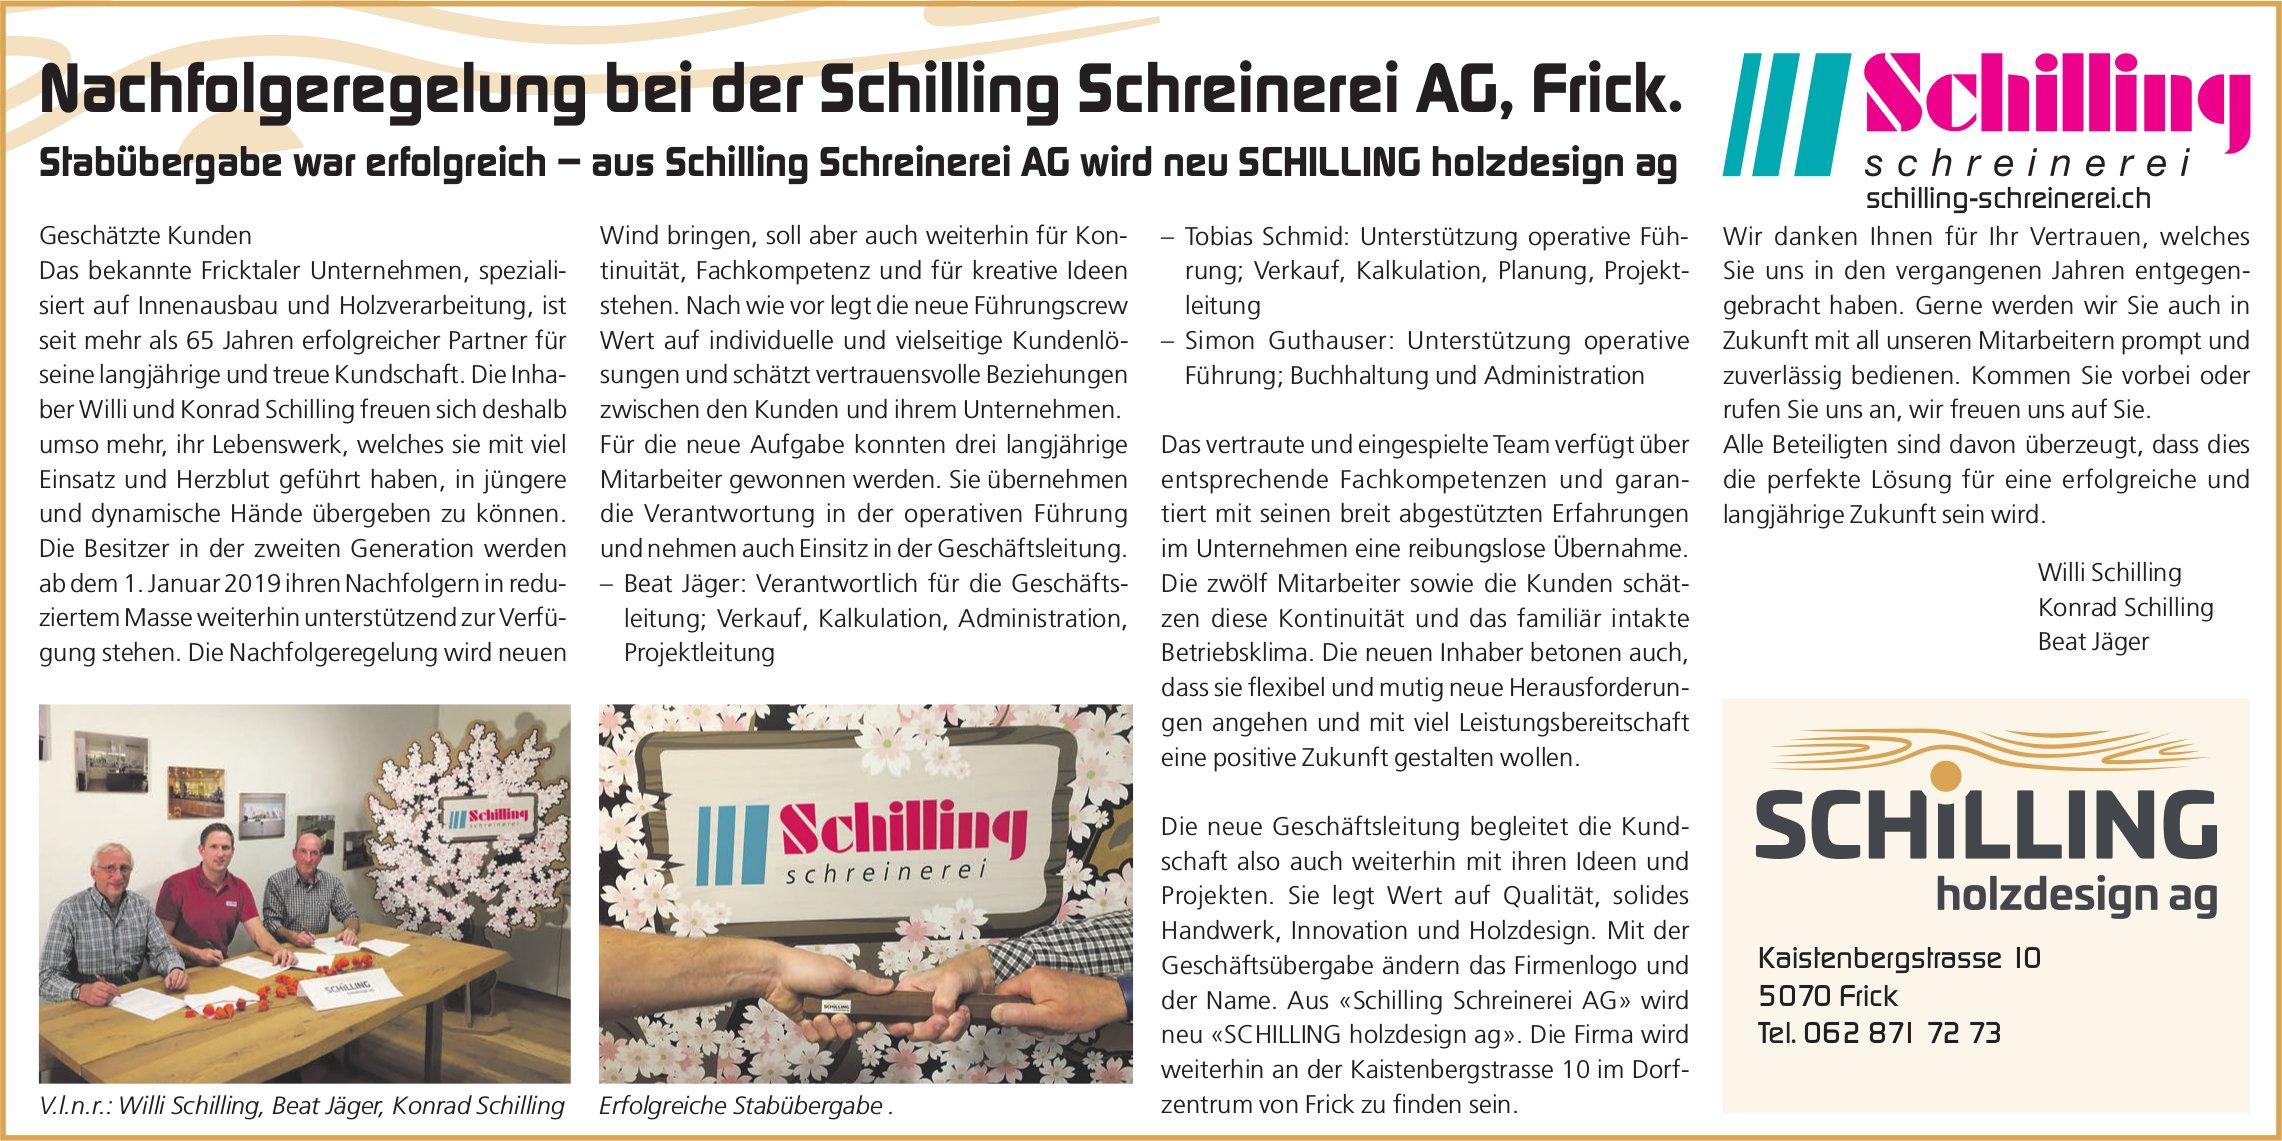 Stabübergabe war erfolgreich – aus Schilling Schreinerei AG wird neu SCHILLING holzdesign ag